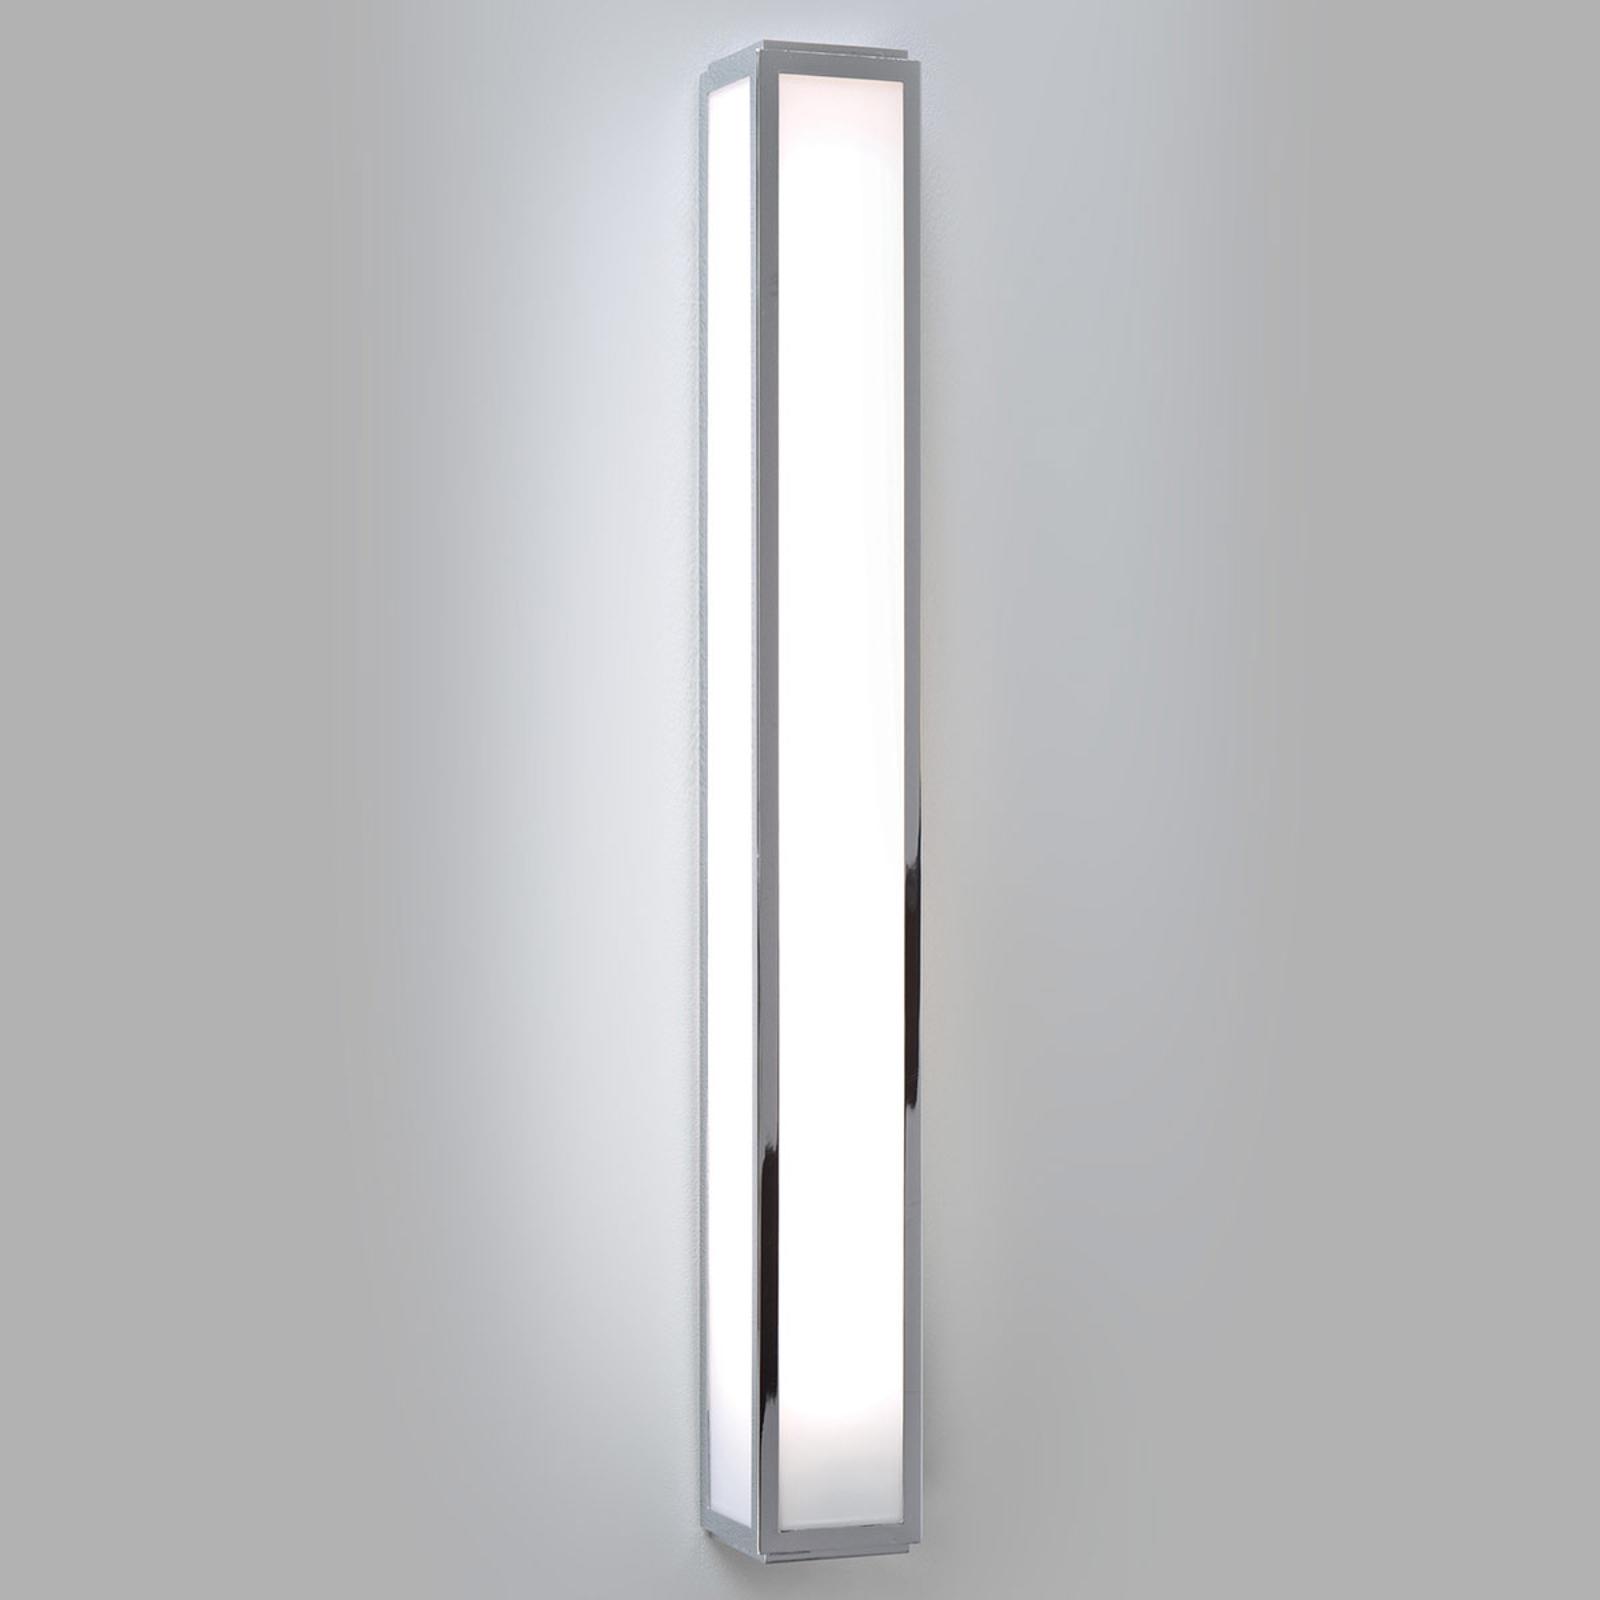 Aflang LED væglampe MASHIKO 600 LED